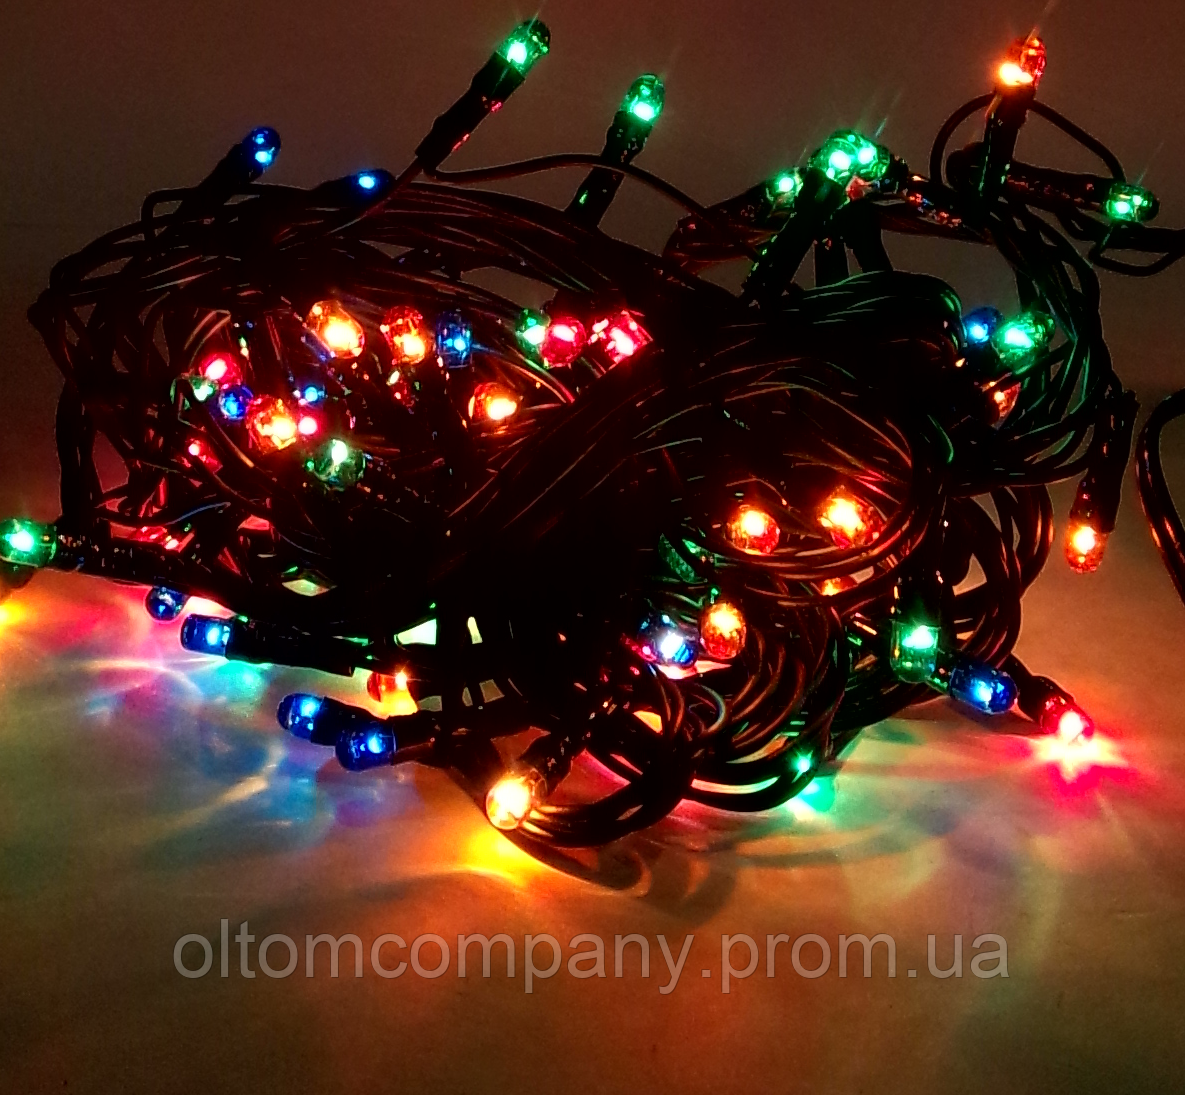 Как сделать новогодние гирлянды с лампочками